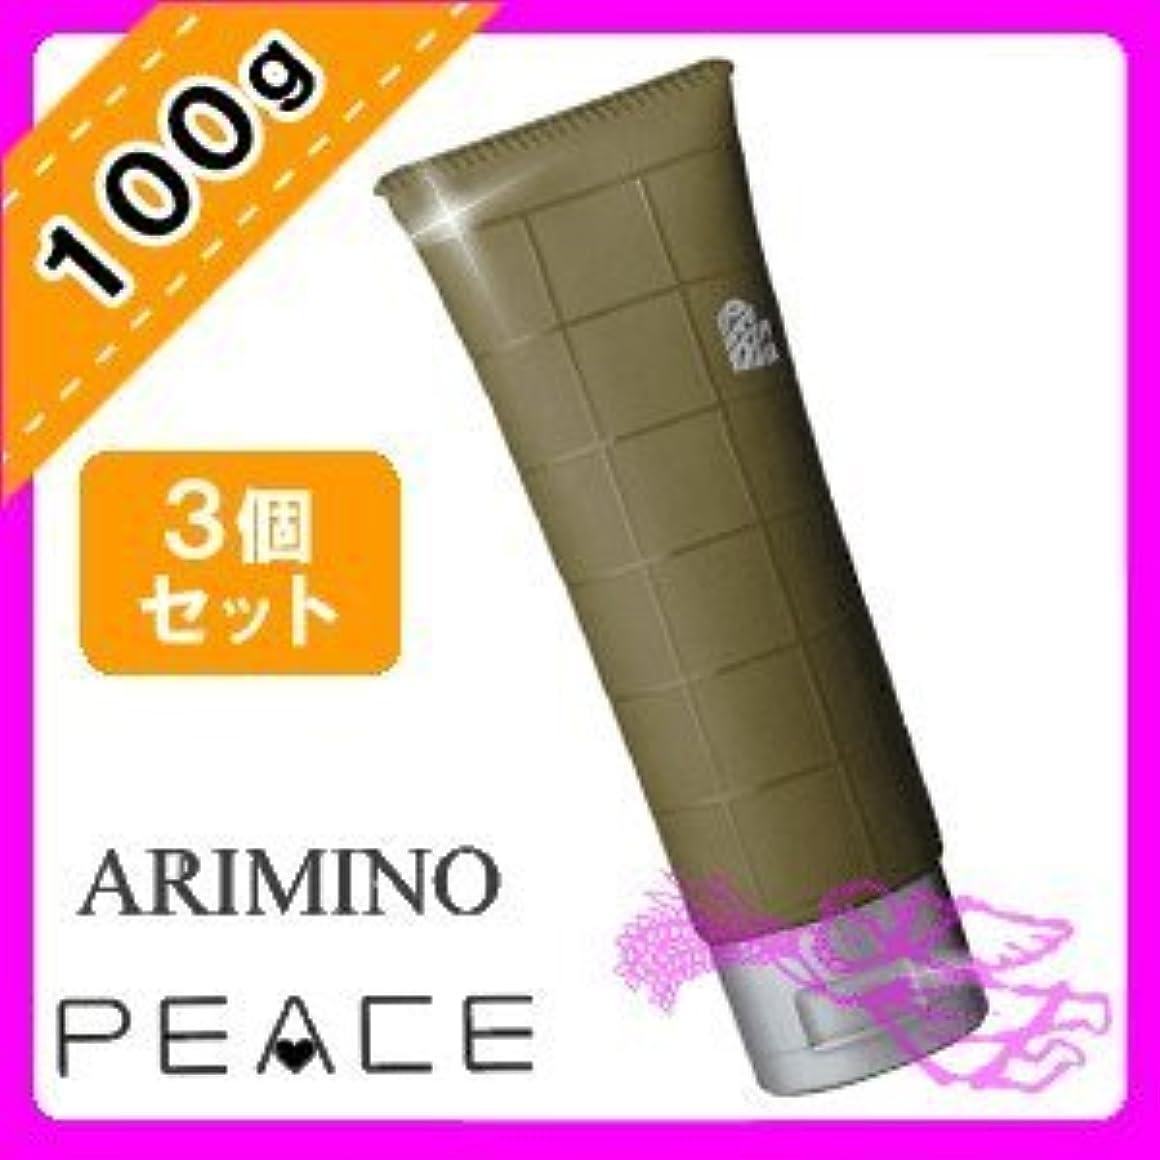 多分汚物落胆するアリミノ ピース ウェットオイル ワックス 100g ×3個セット arimino PEACE